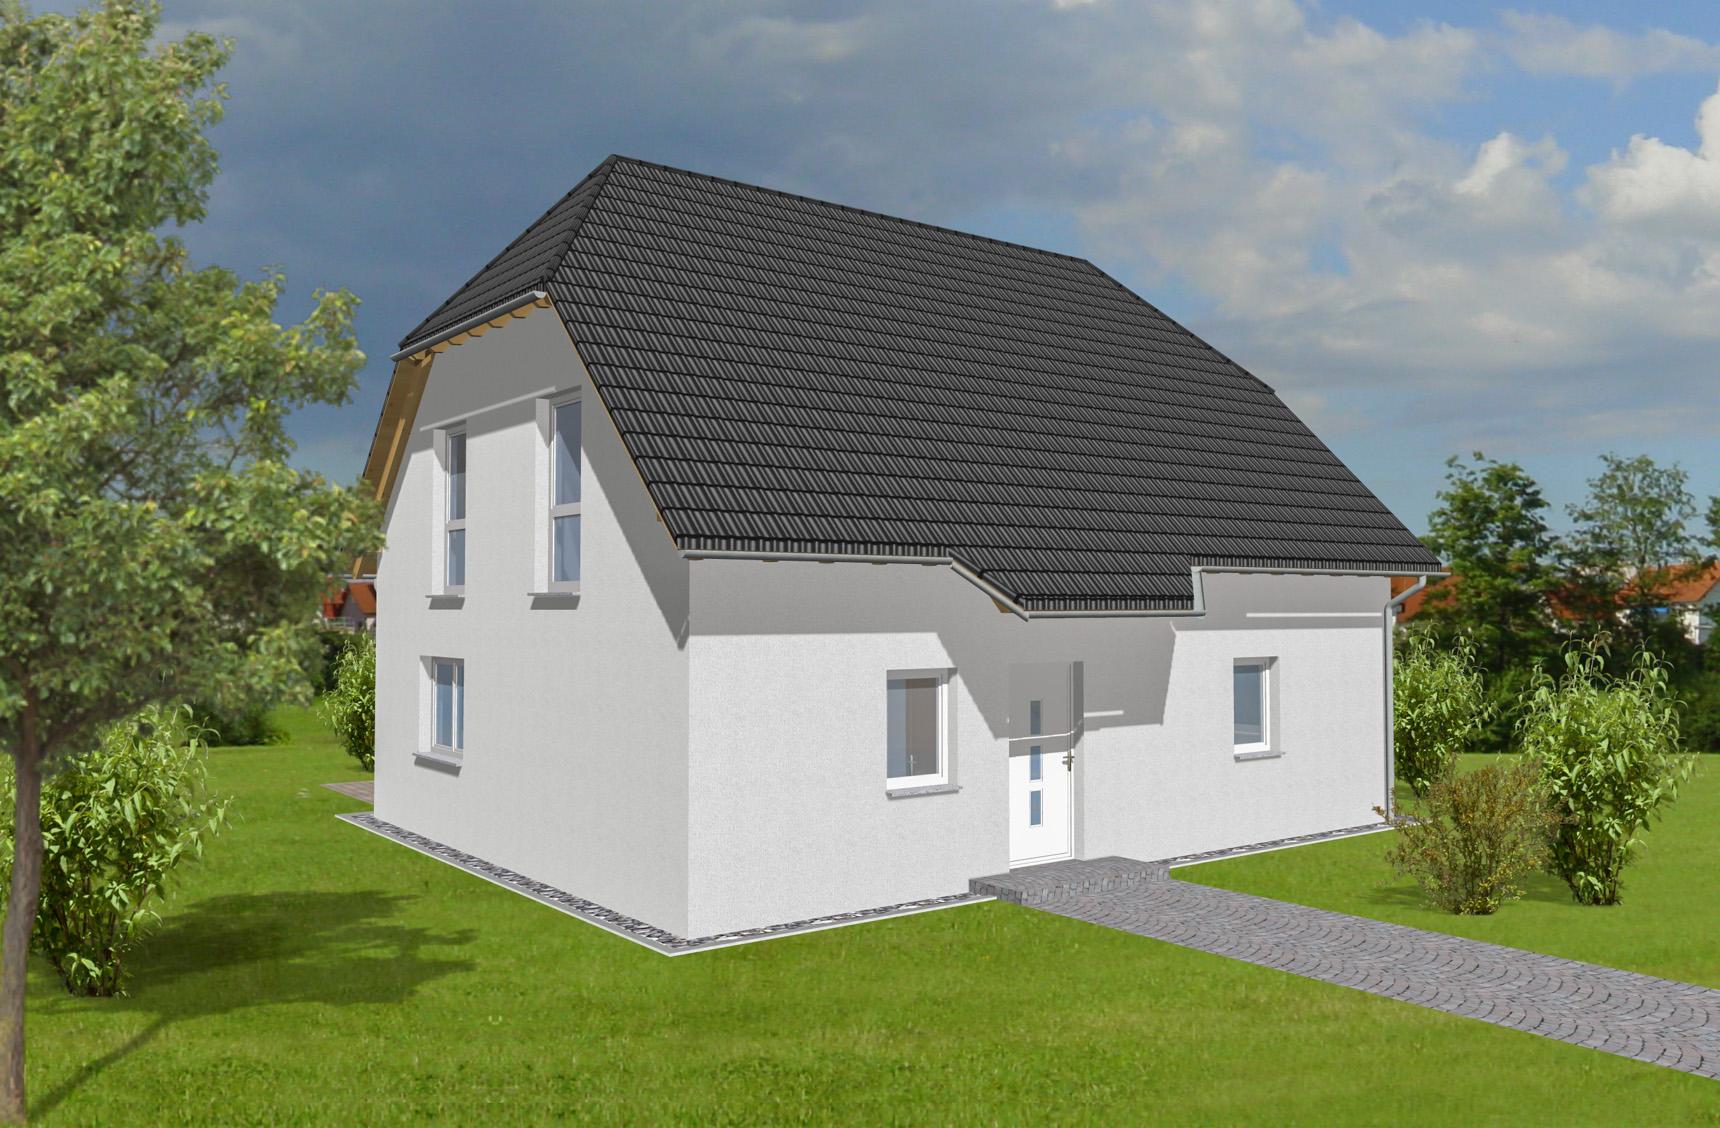 Typenhaus Miram - ALG Massivhaus GmbH Eingangsansicht